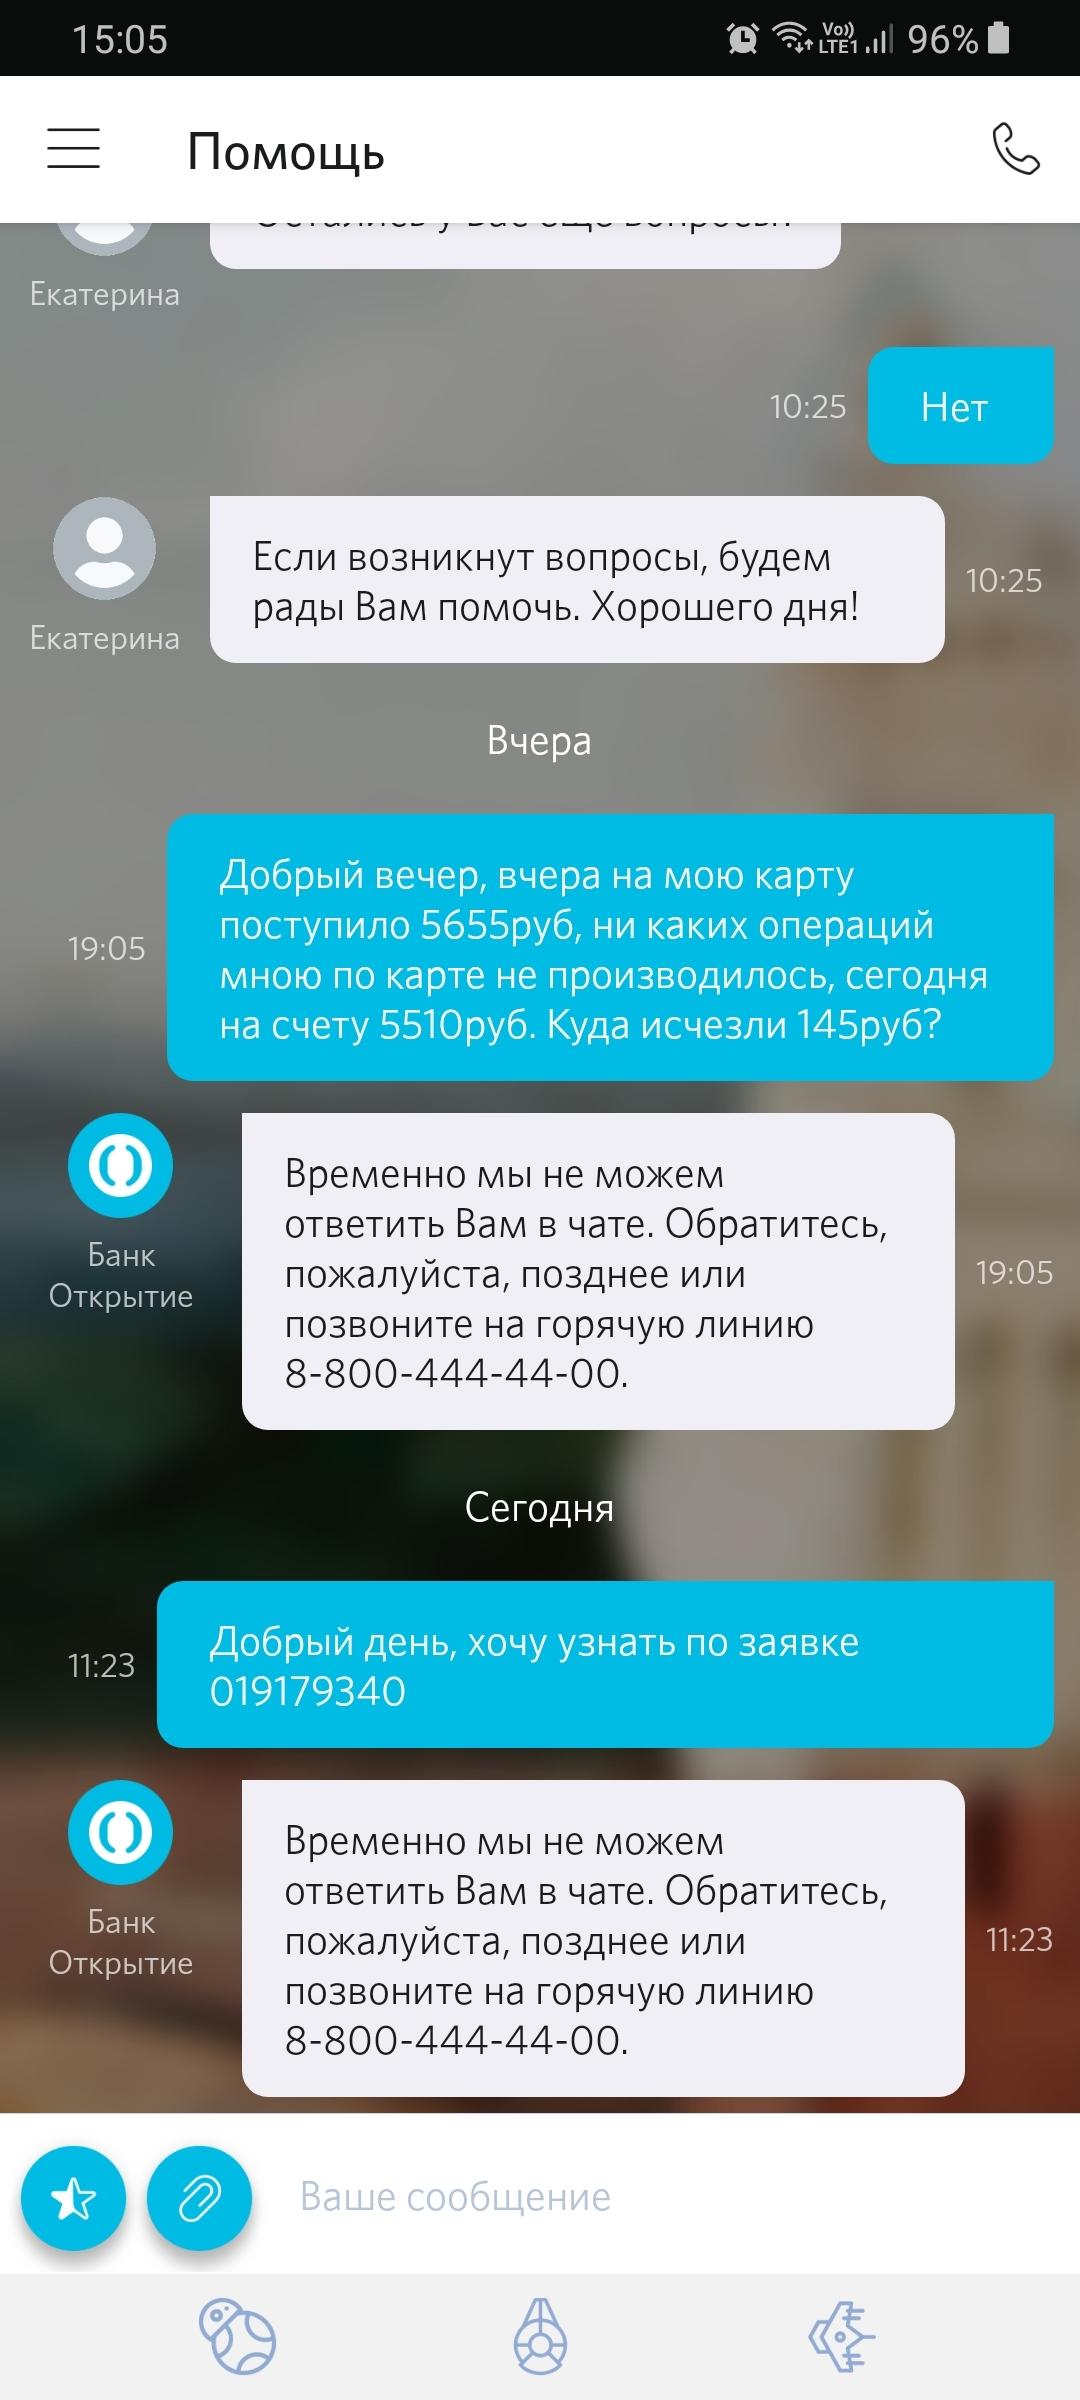 Оформление кредита онлайн без справок и поручителей на карту беларусбанка